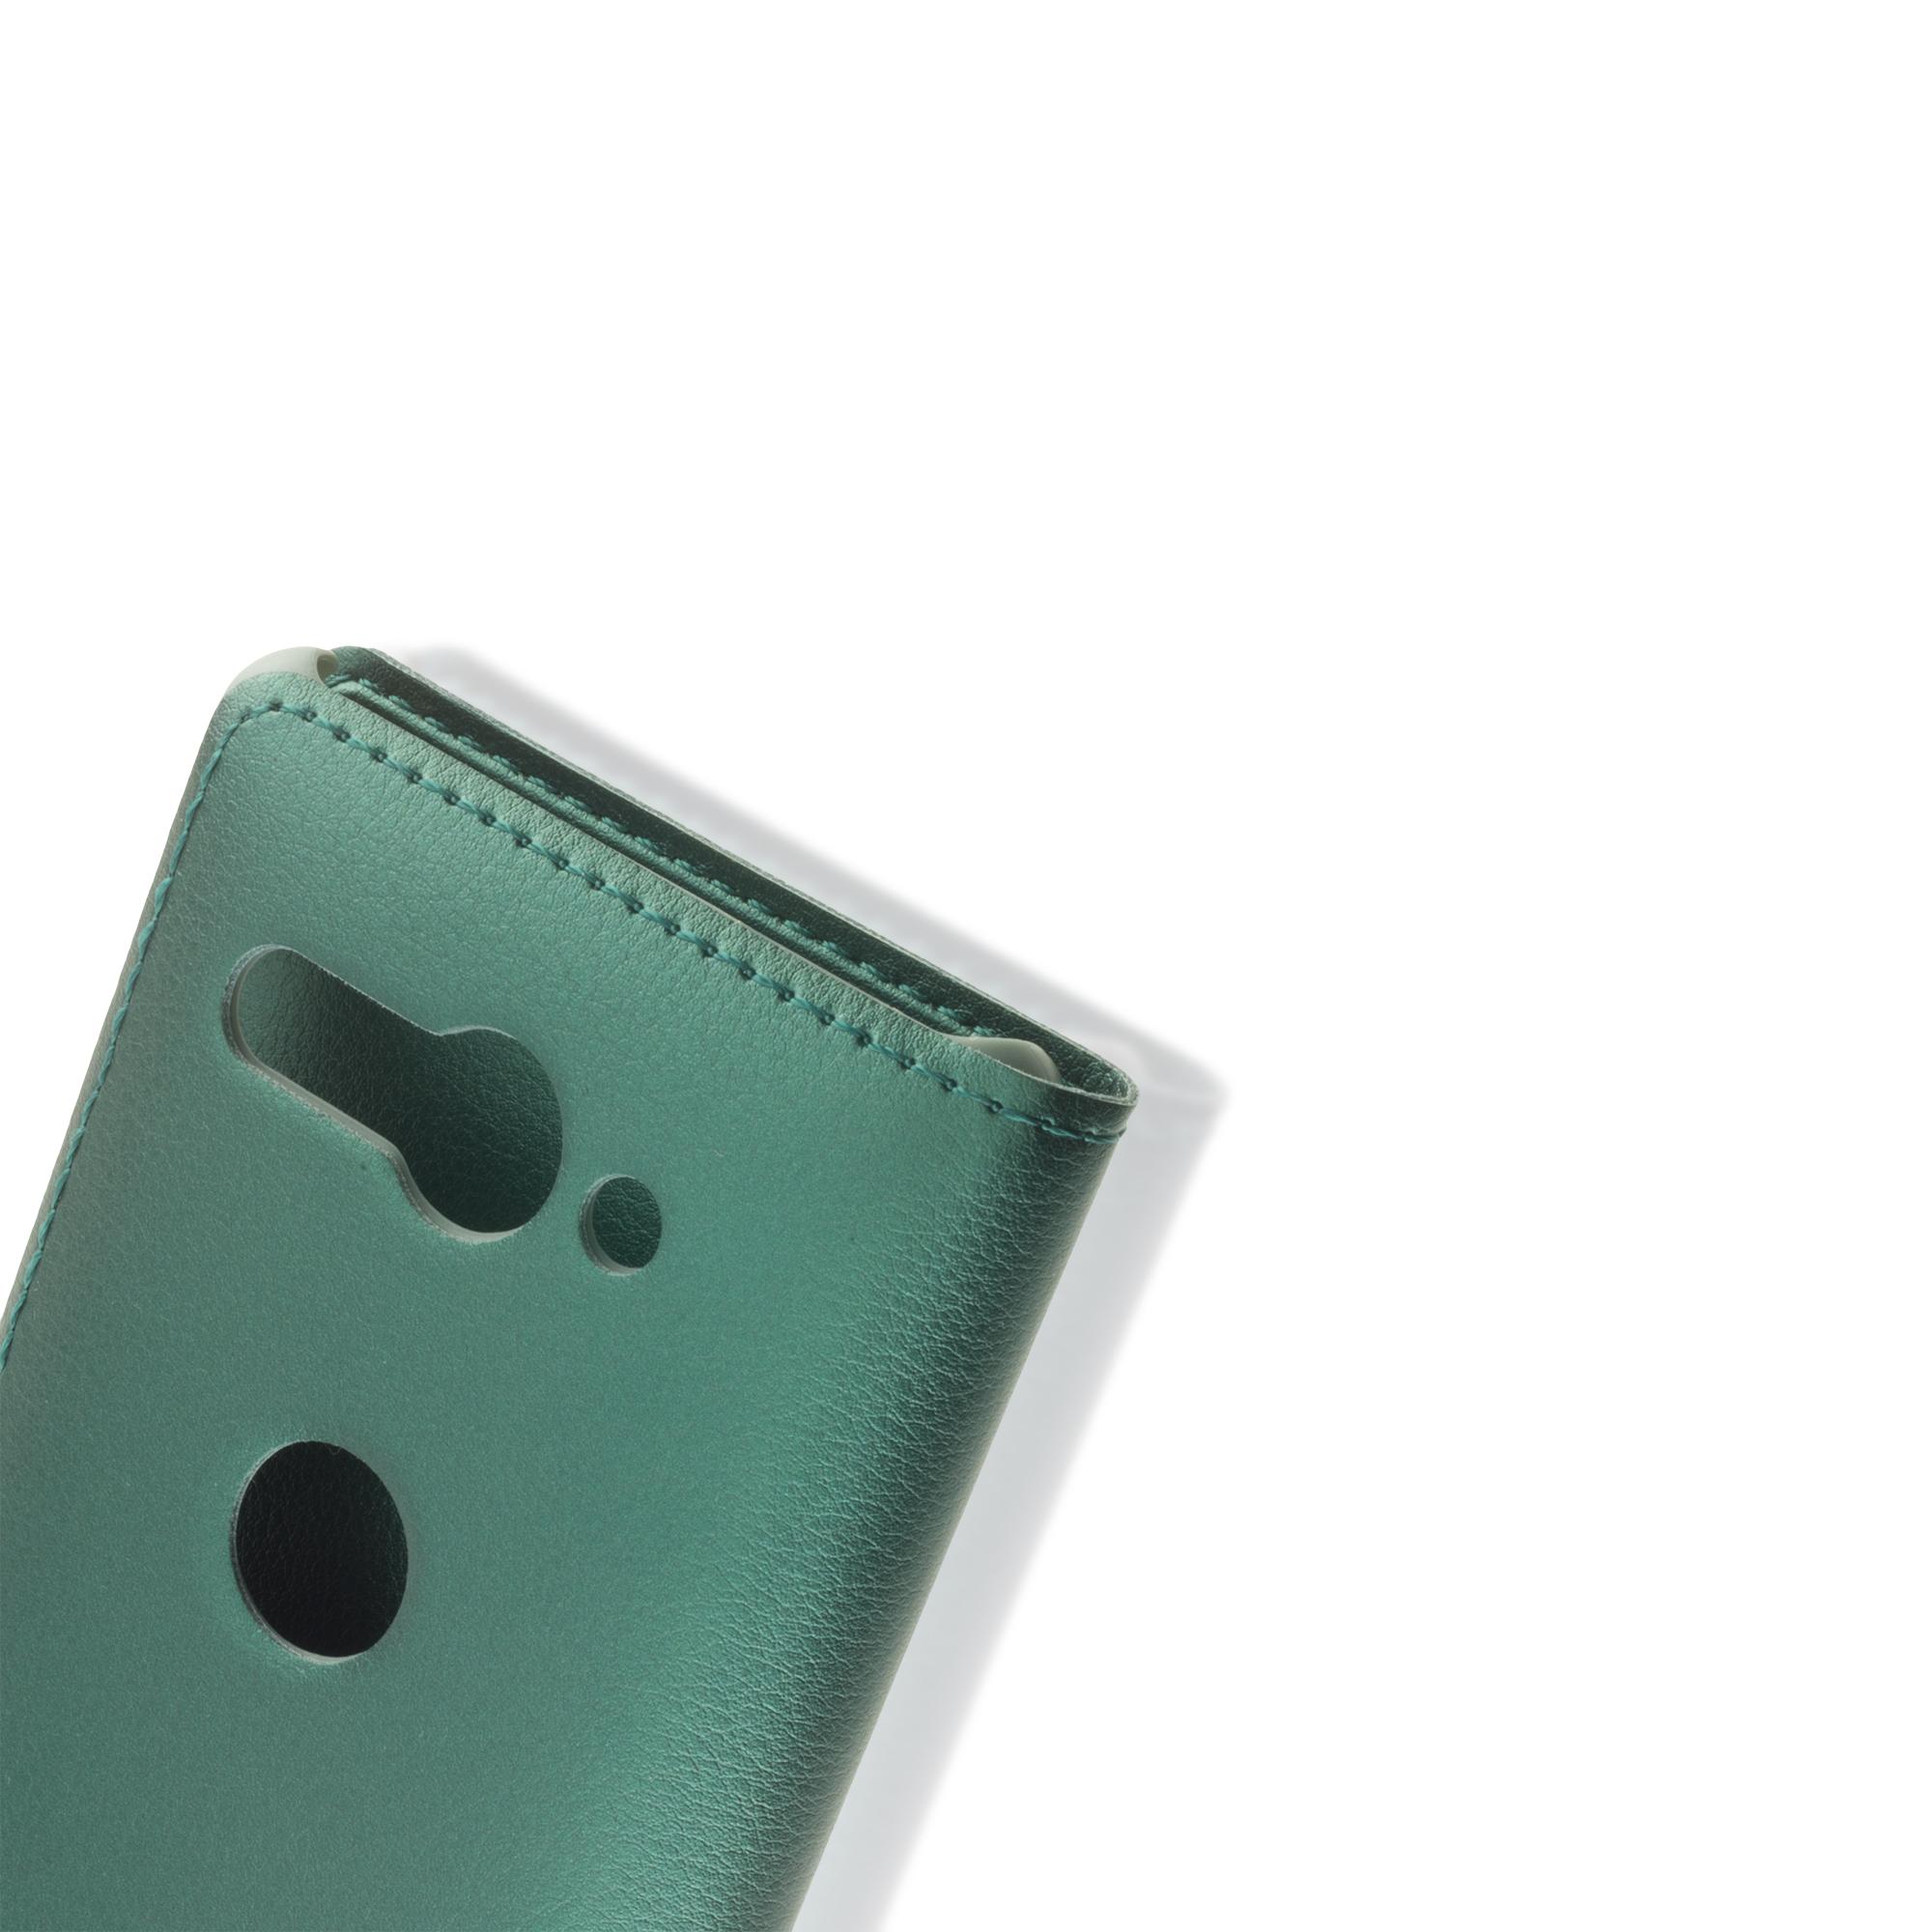 Чехол-книжка Brosco для Xperia XZ2 Compact зелёного цвета